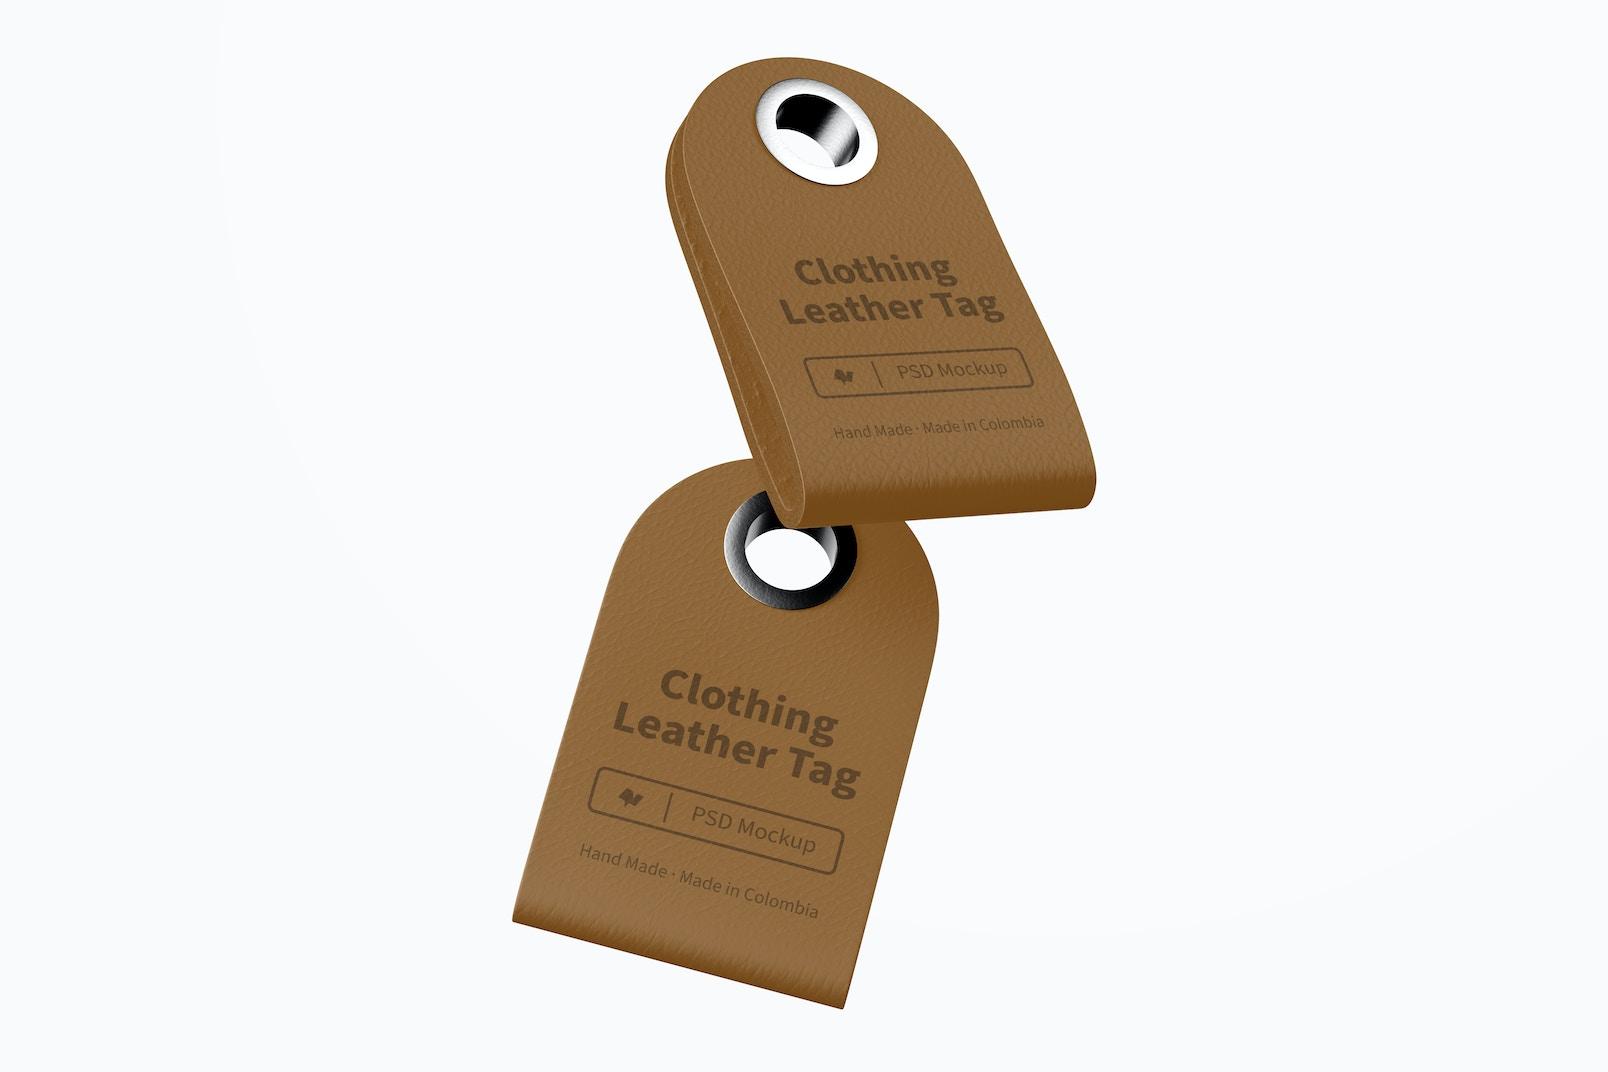 Maqueta de Etiqueta de Cuero para Ropa, Flotando